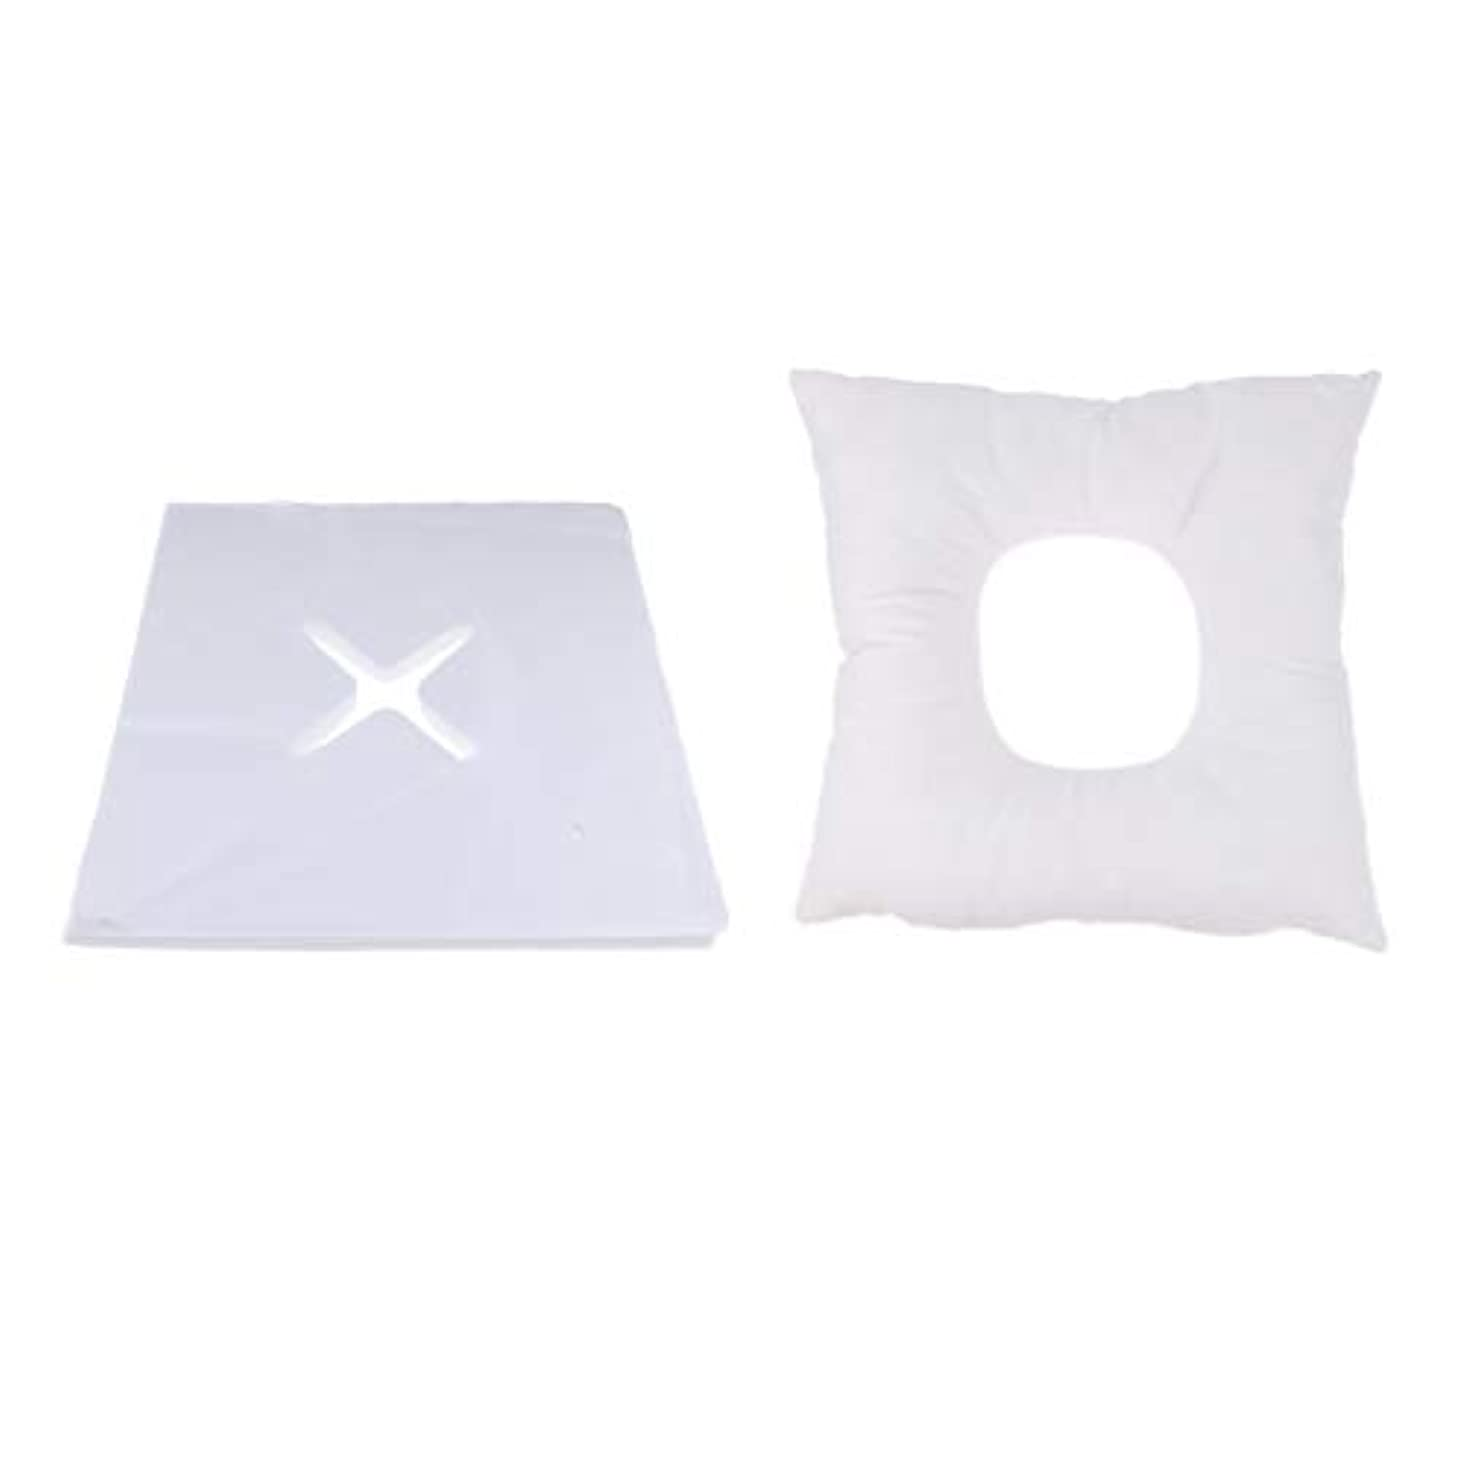 手入れ領収書プランターFenteer マッサージ枕 顔枕 フェイスマット フェイスピロー 200個使い捨てカバー付 マッサージテーブル用 快適